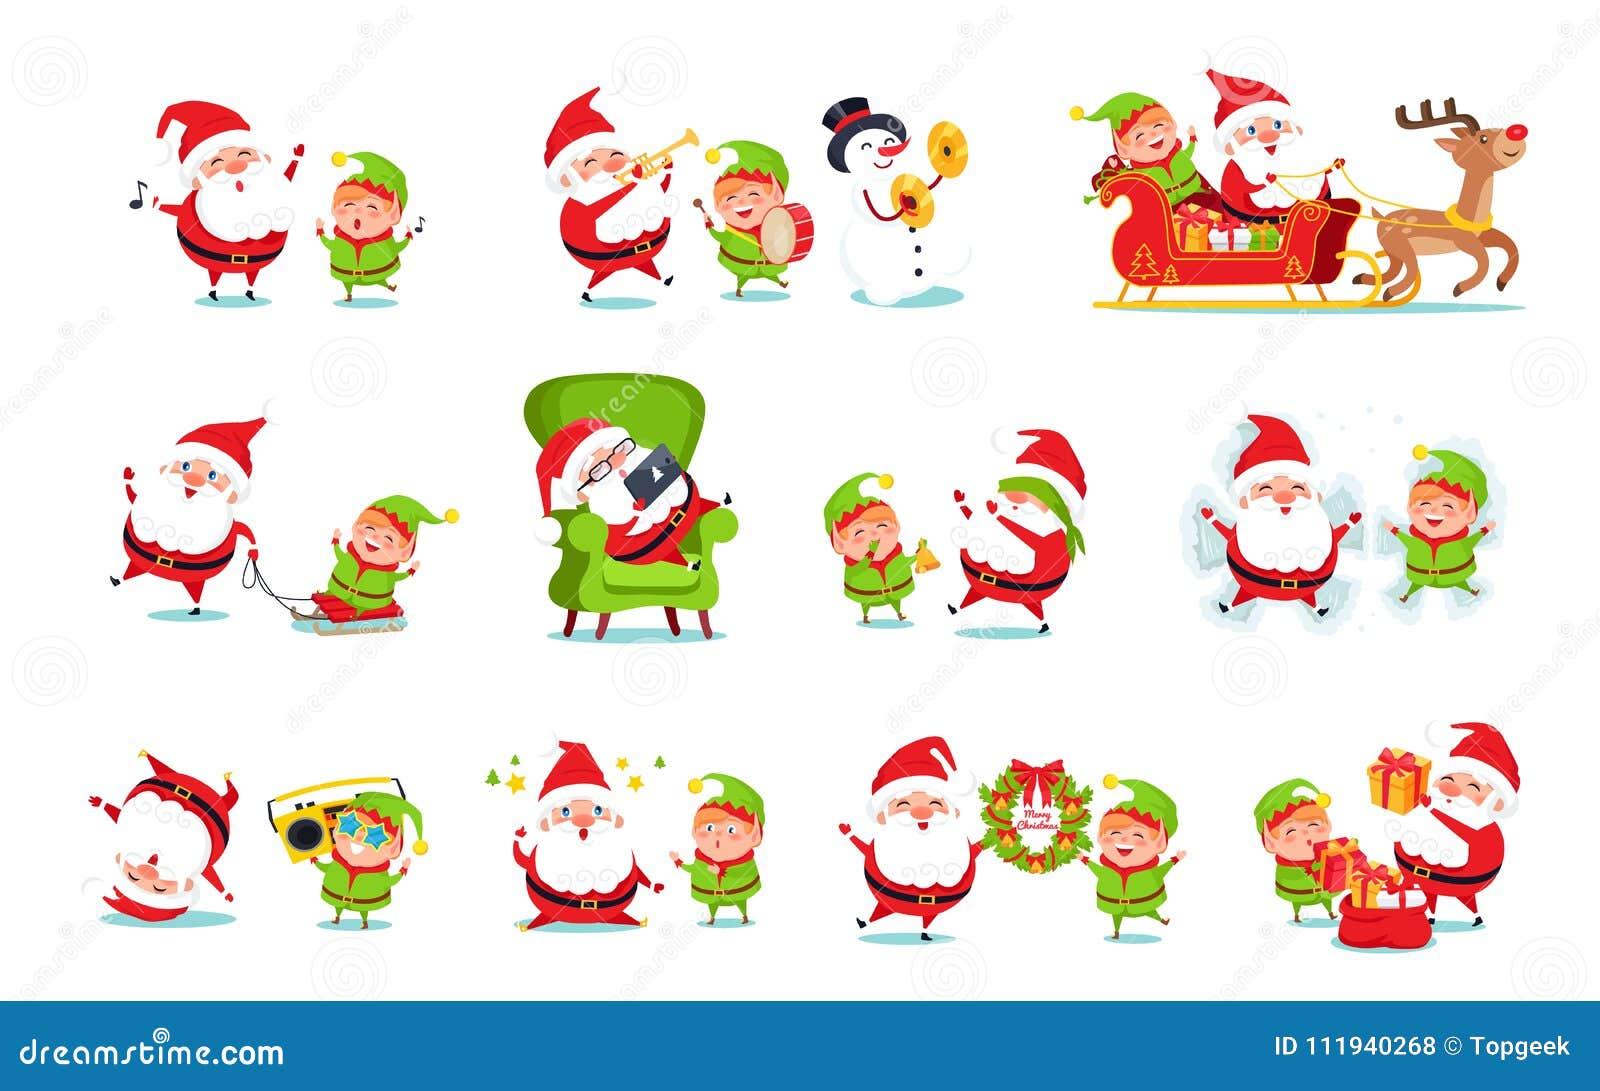 santa claus helper activities vector illustration - Santa Claus Activities